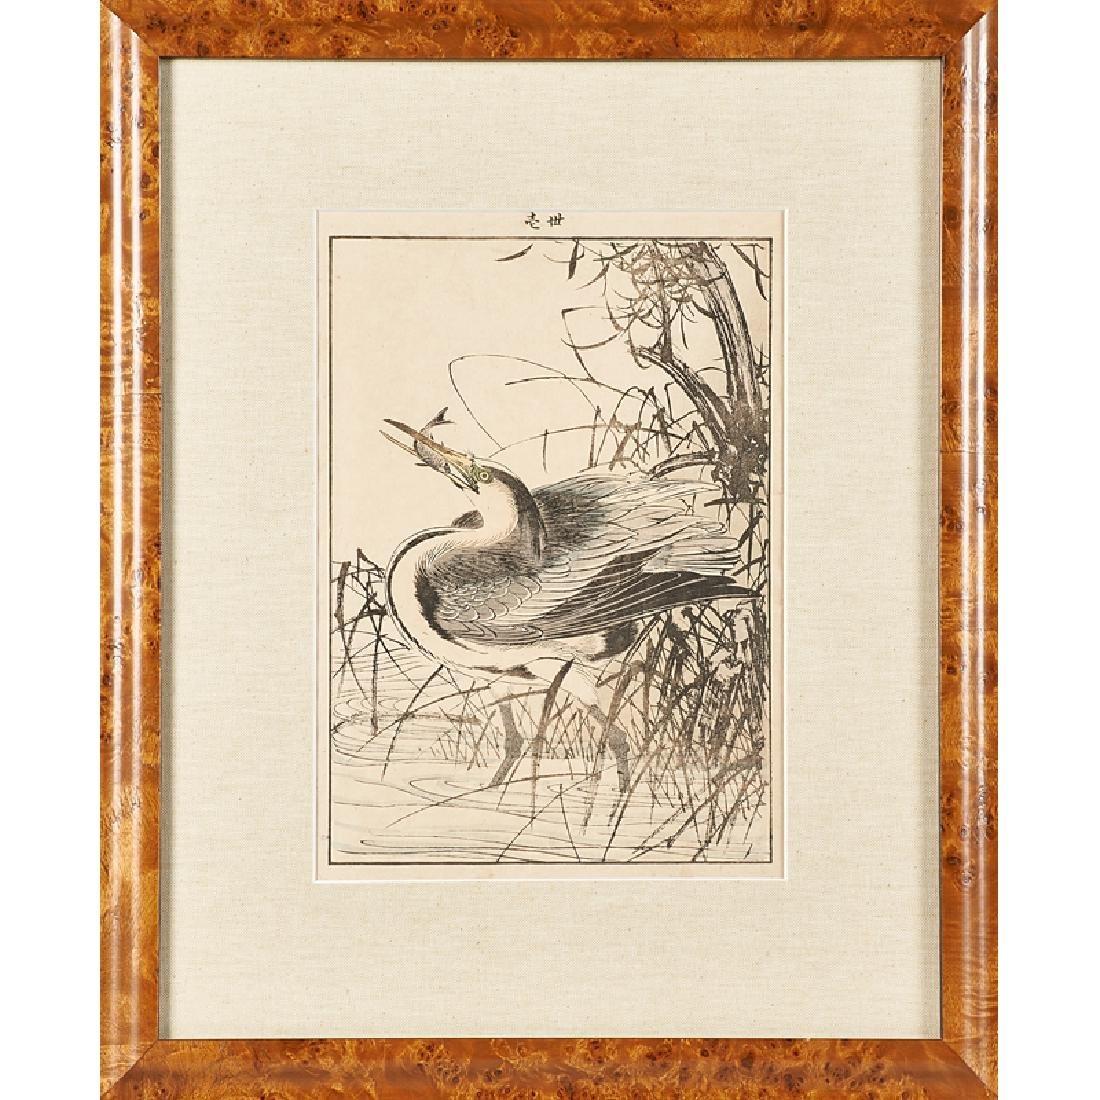 KEINEN IMAO (Japanese, 1845-1924) - 3